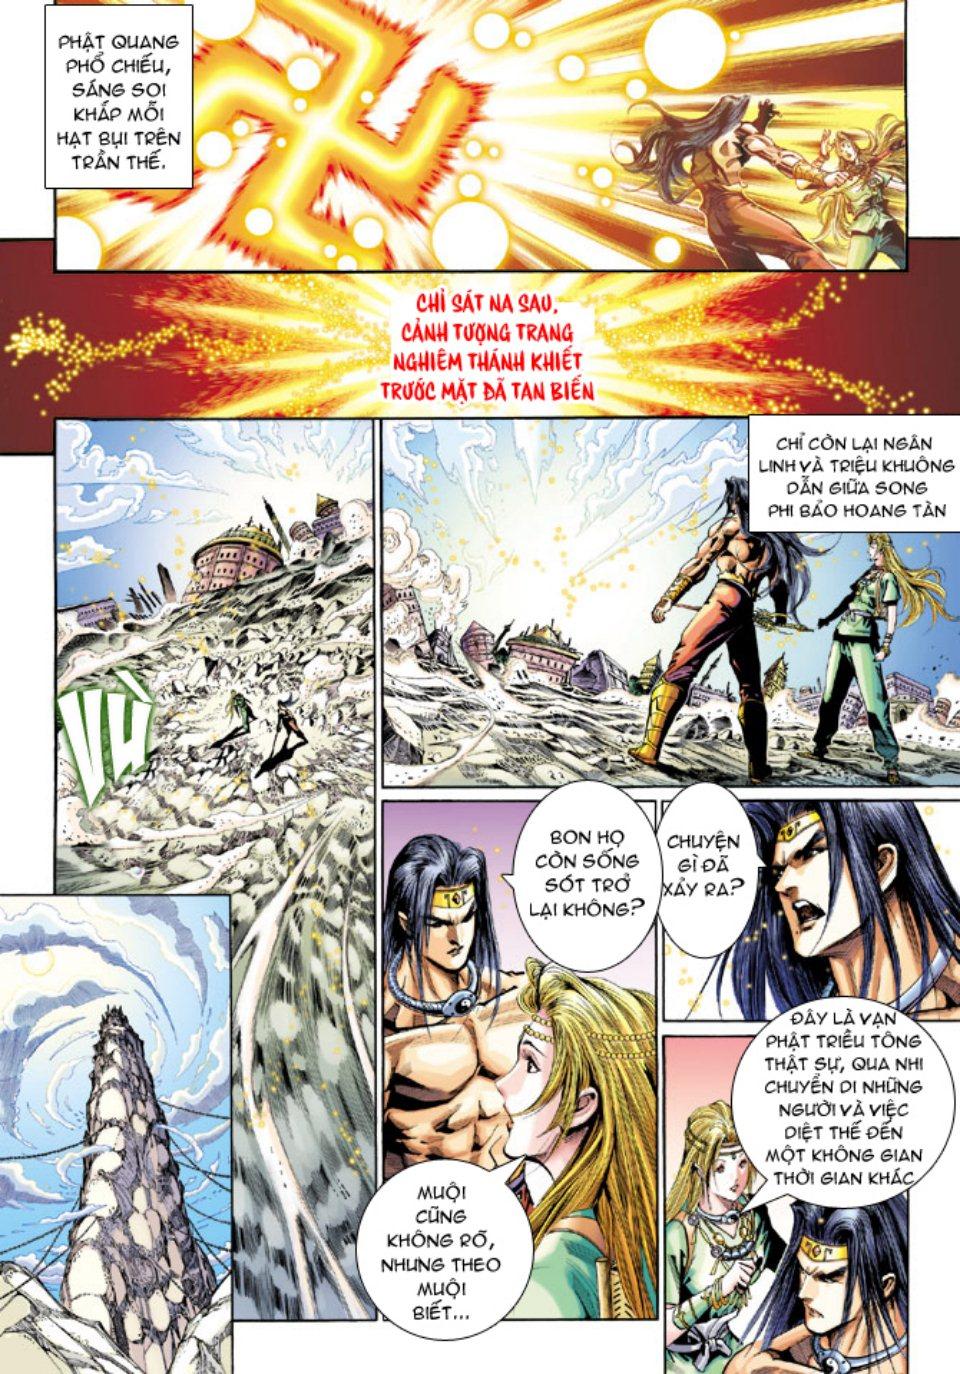 Thiên Tử Truyền Kỳ 5 - Như Lai Thần Chưởng chap 214 - Trang 19